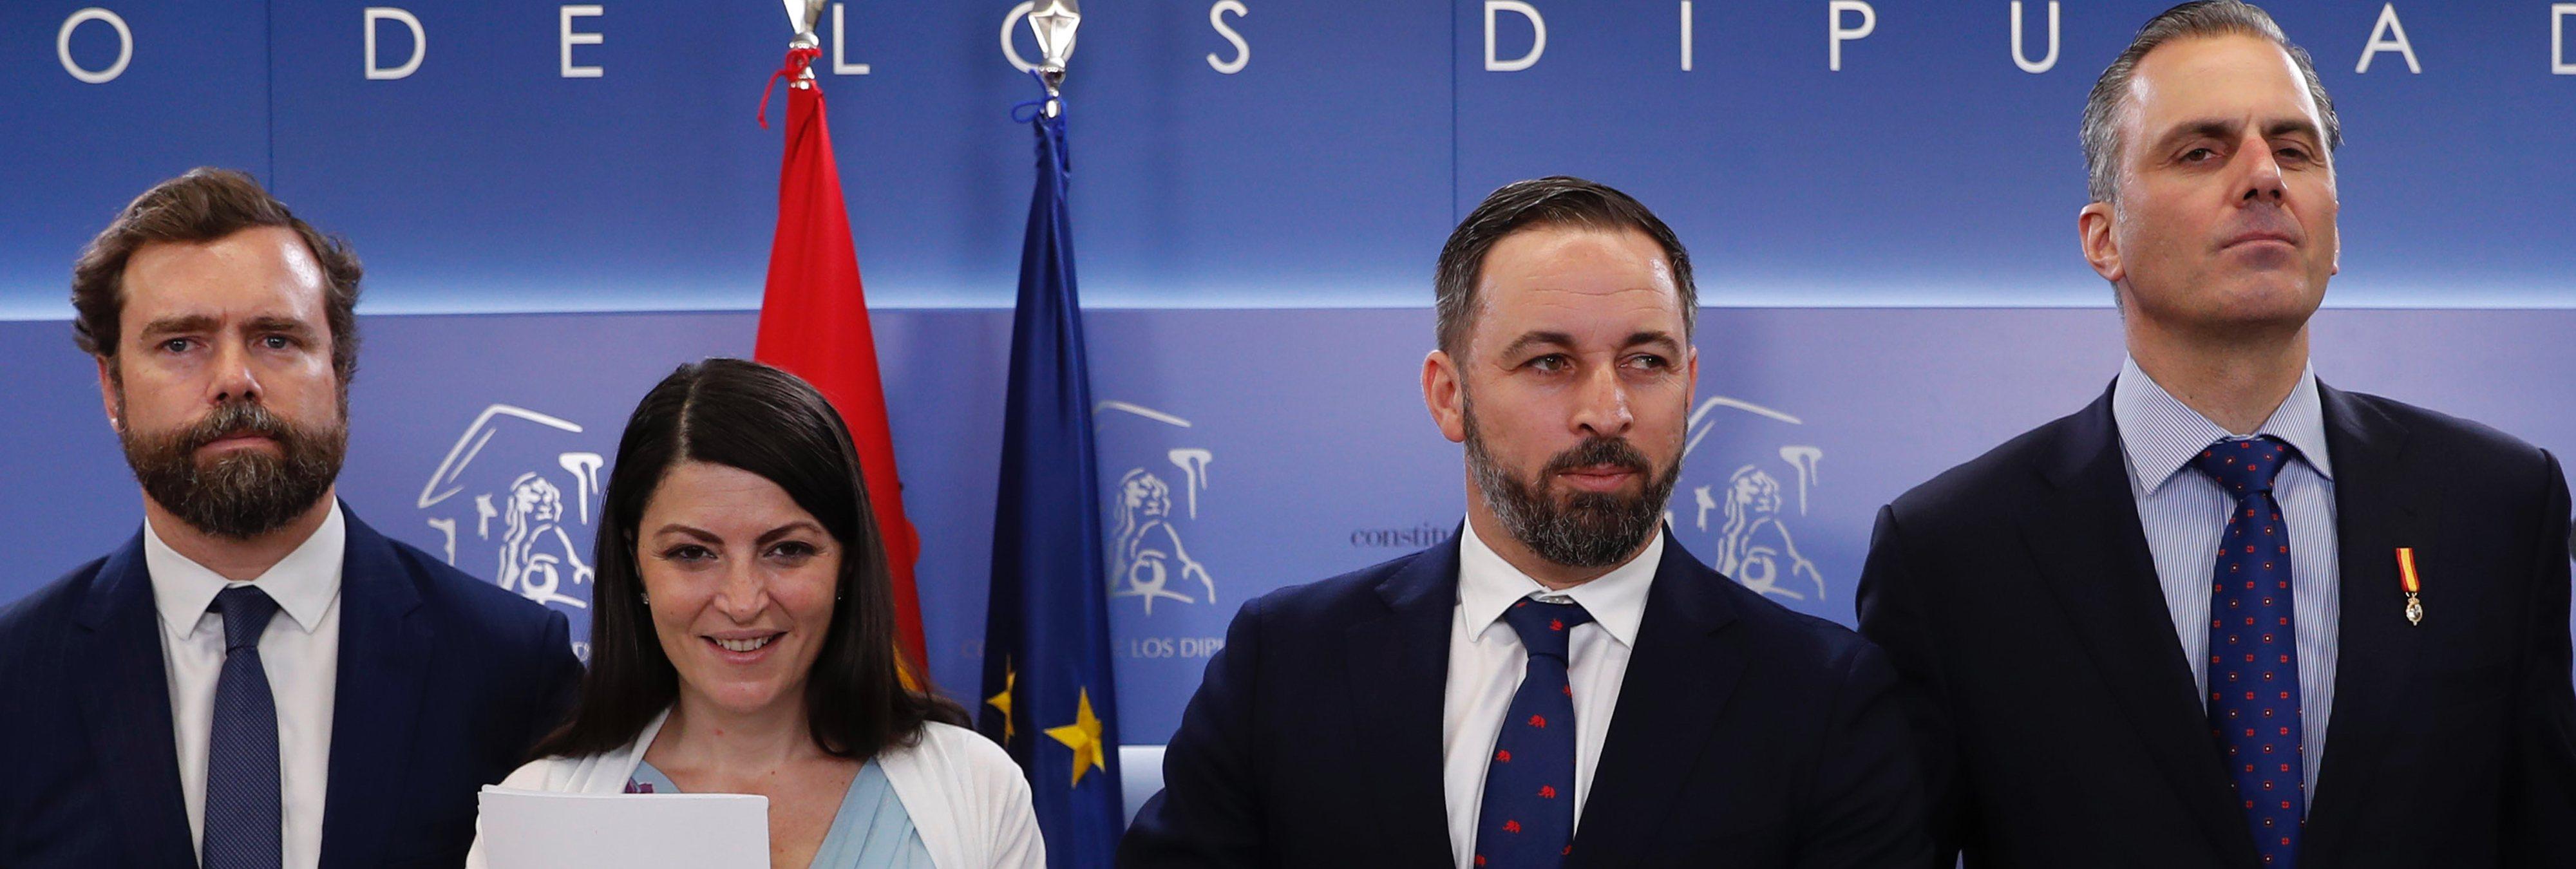 """VOX pide crear un muro """"impenetrable"""" en Ceuta y Melilla"""